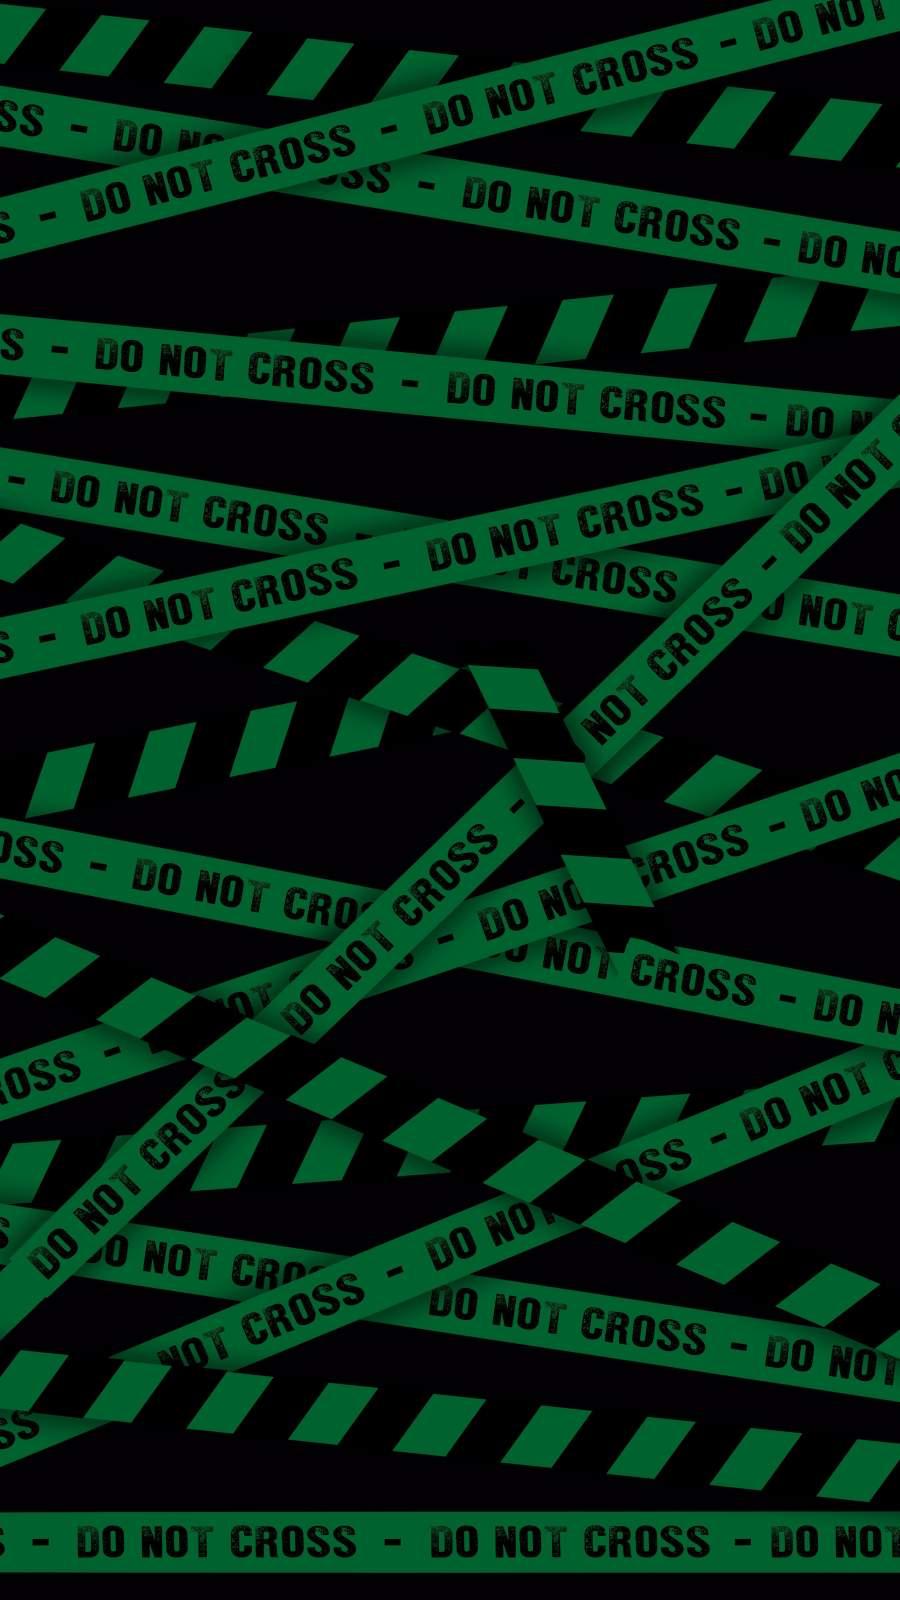 Do Not Cross Warning 1